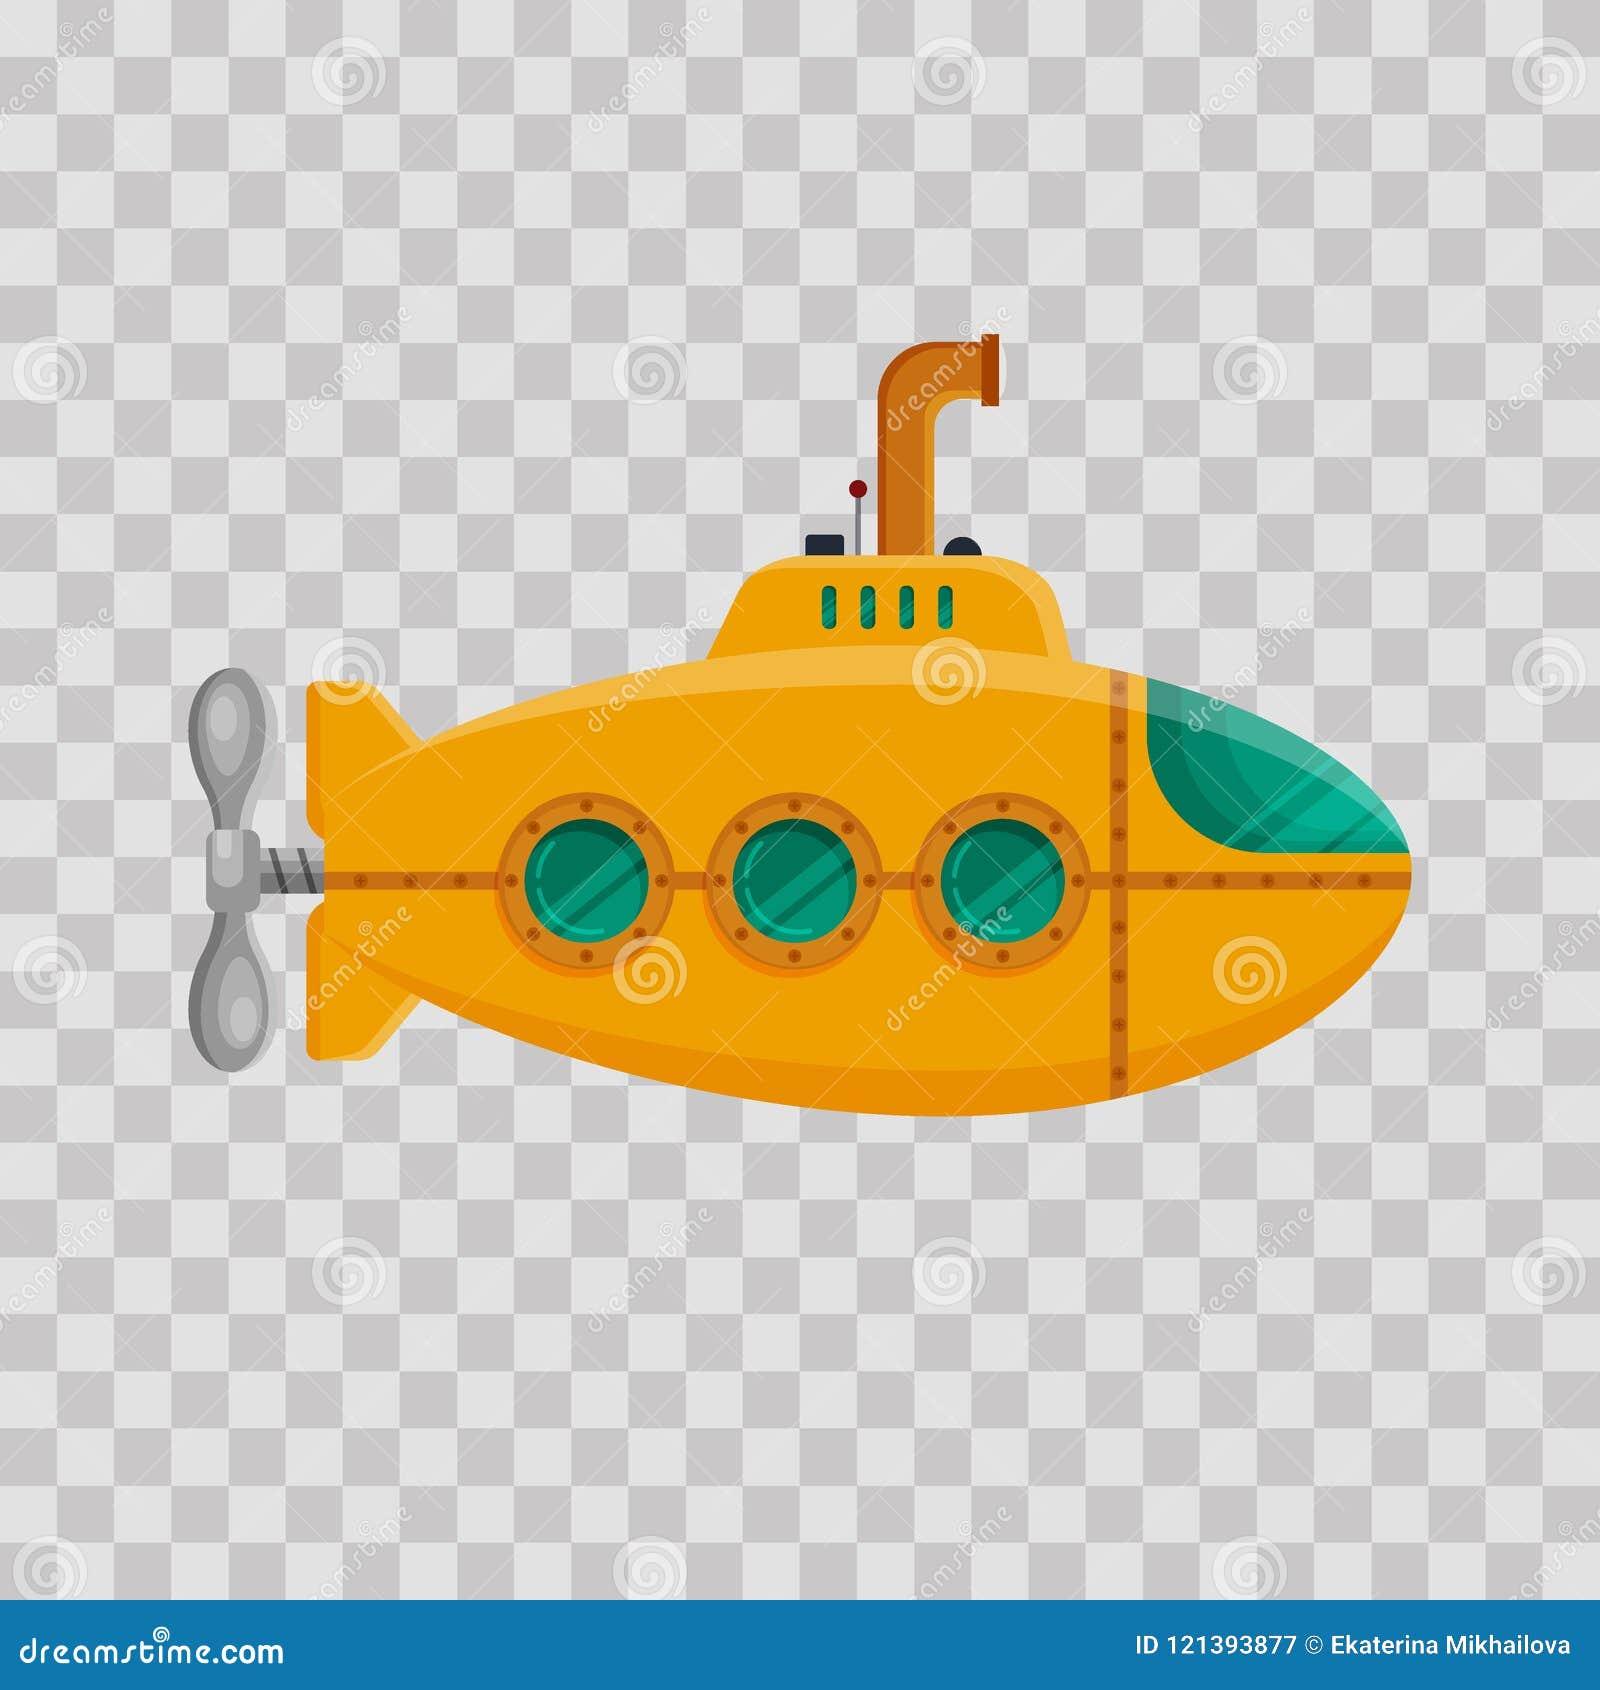 El Submarino Transparente En Amarillo Con Periscopio Fondo SjpqLzUMVG